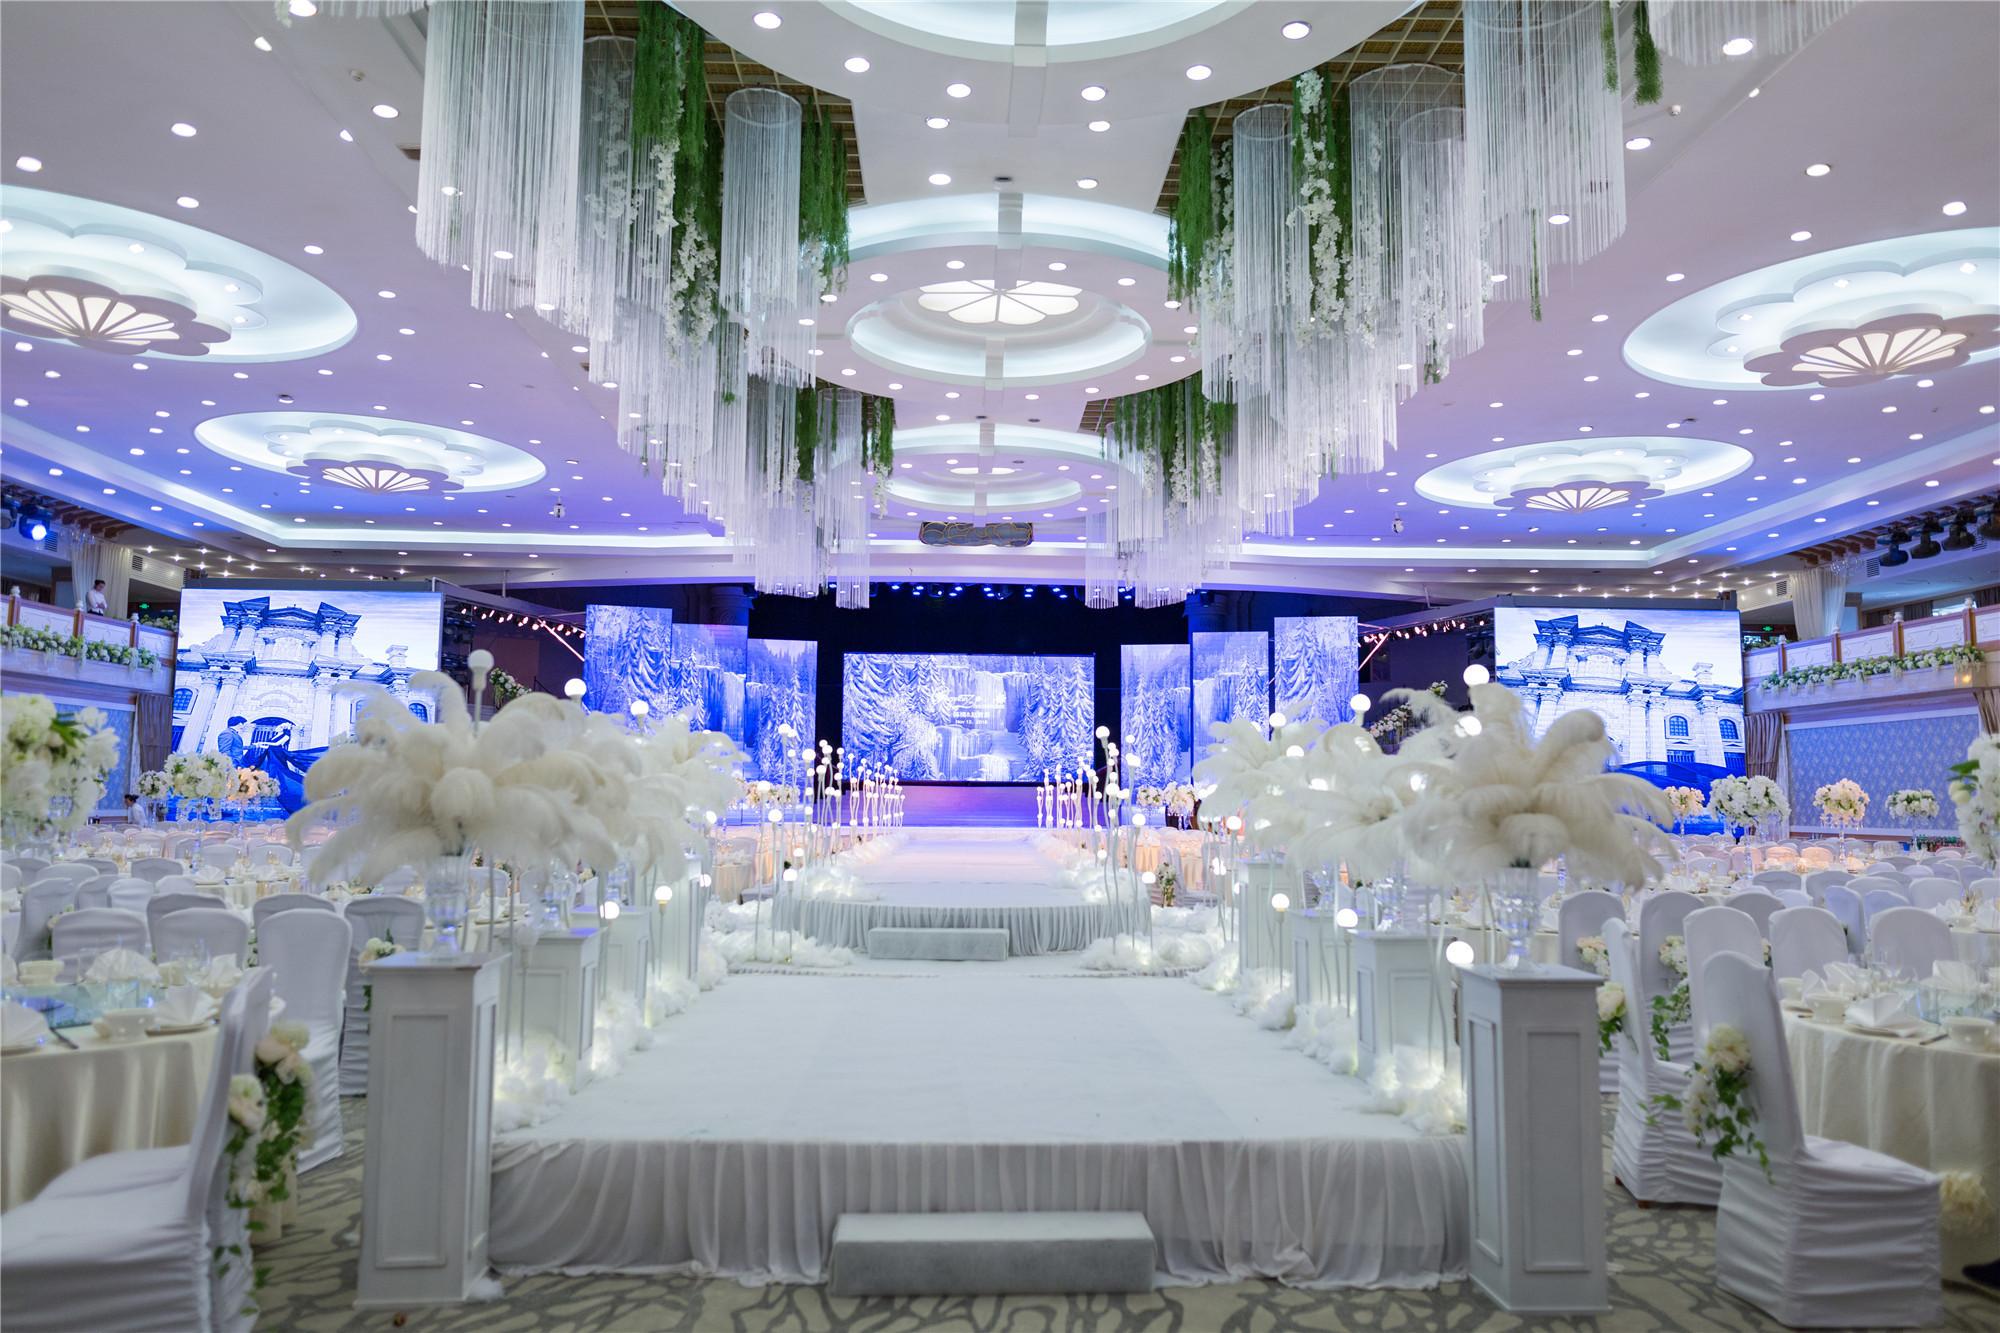 想让婚礼不平凡 婚宴上可以多动点心思!